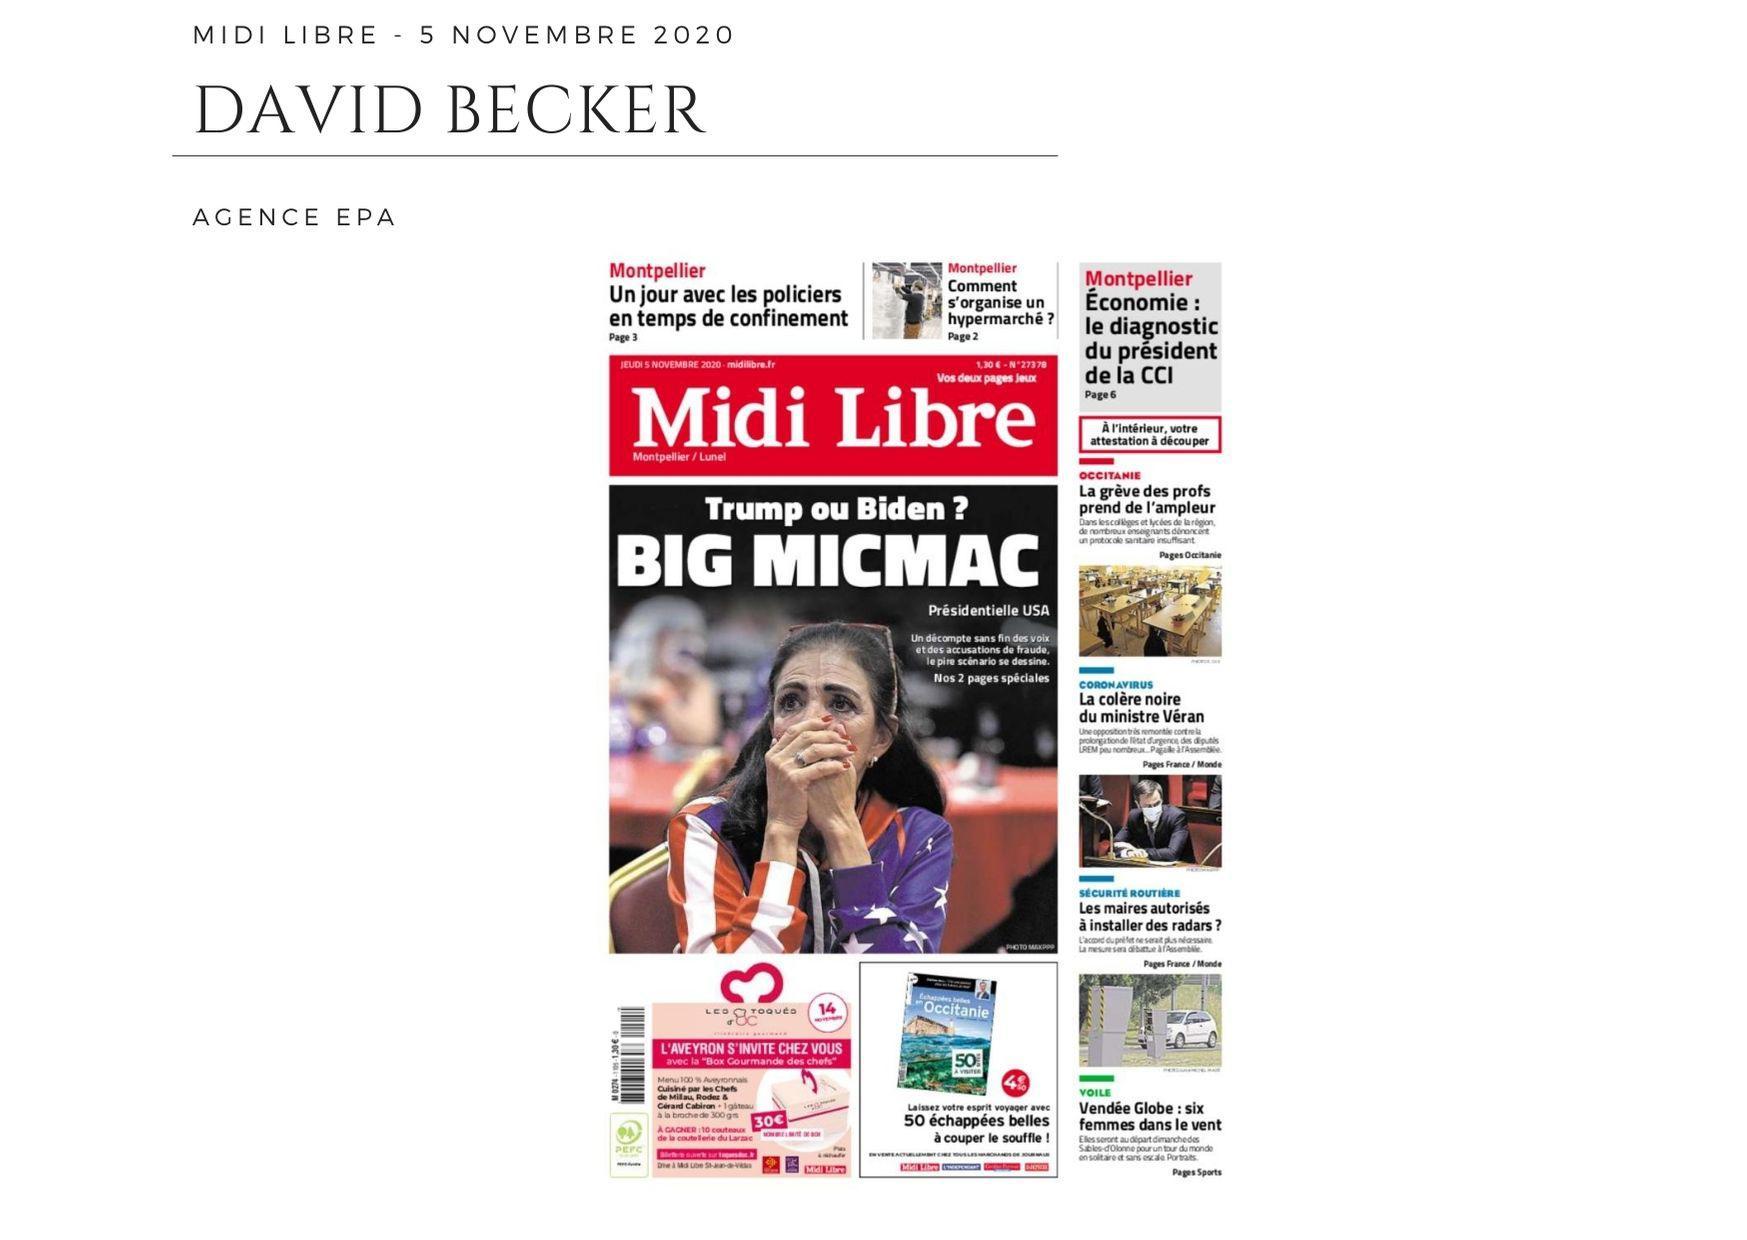 Midi Libre - 5 novembre 2020